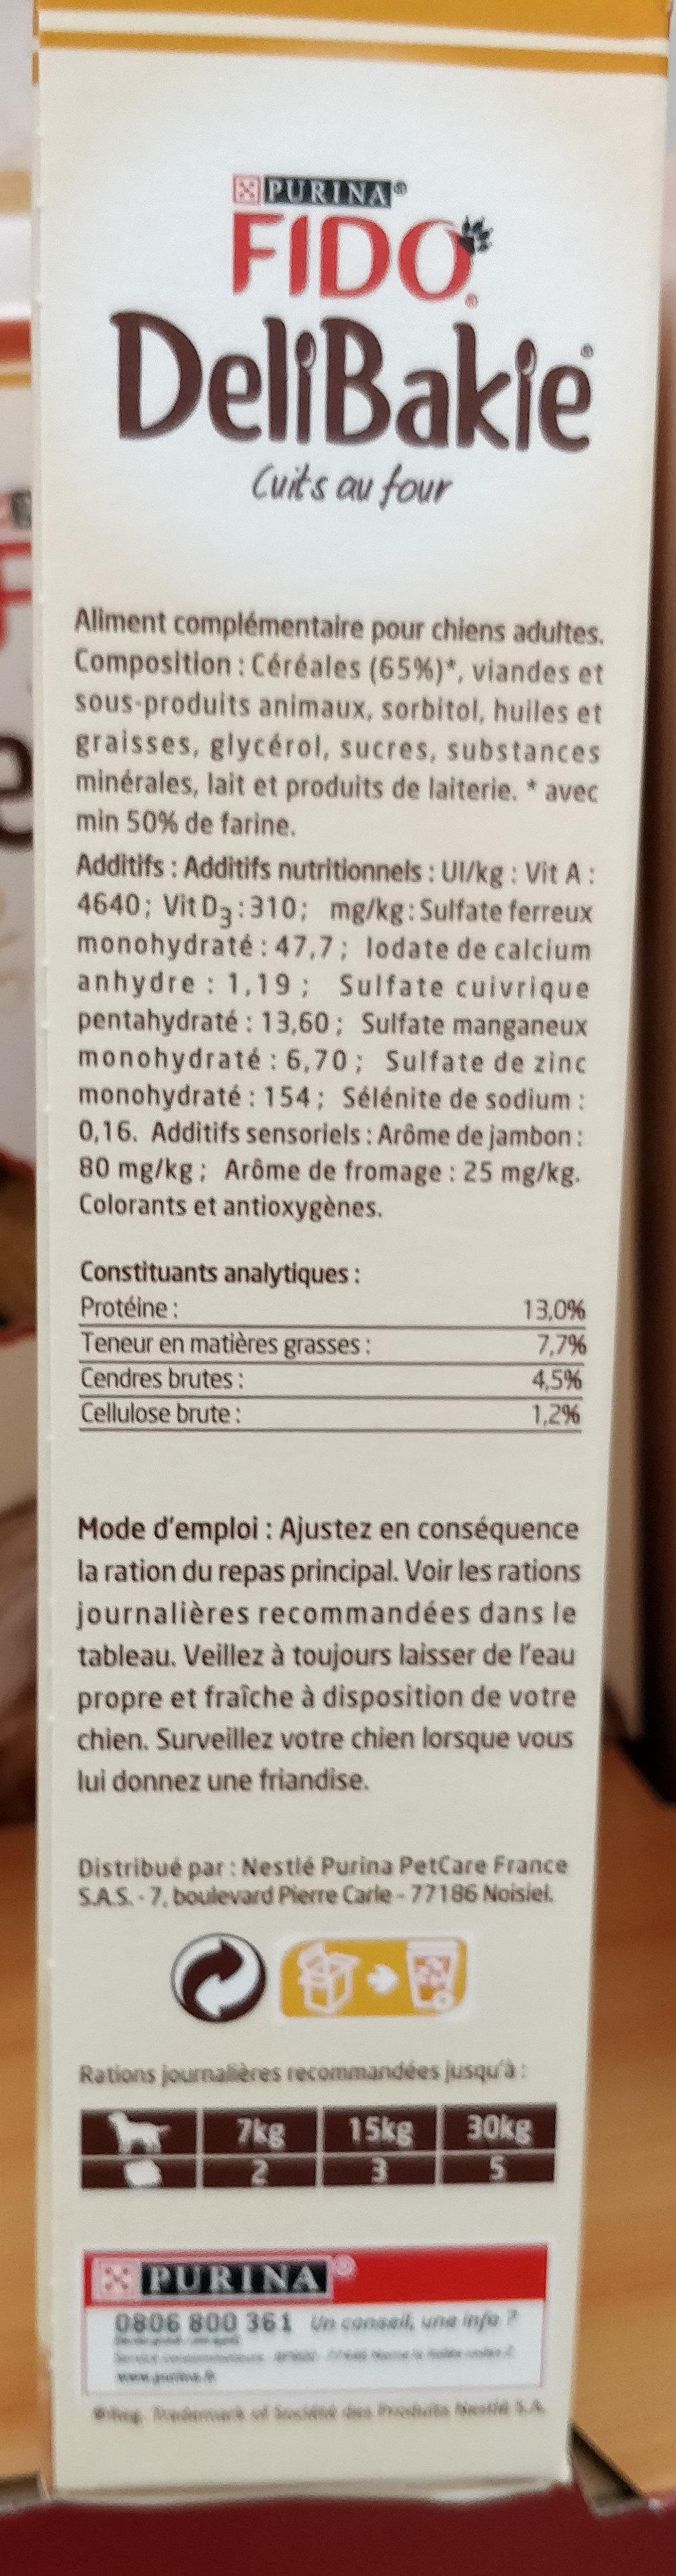 350G Delibakie Hearts Fido - Nutrition facts - fr